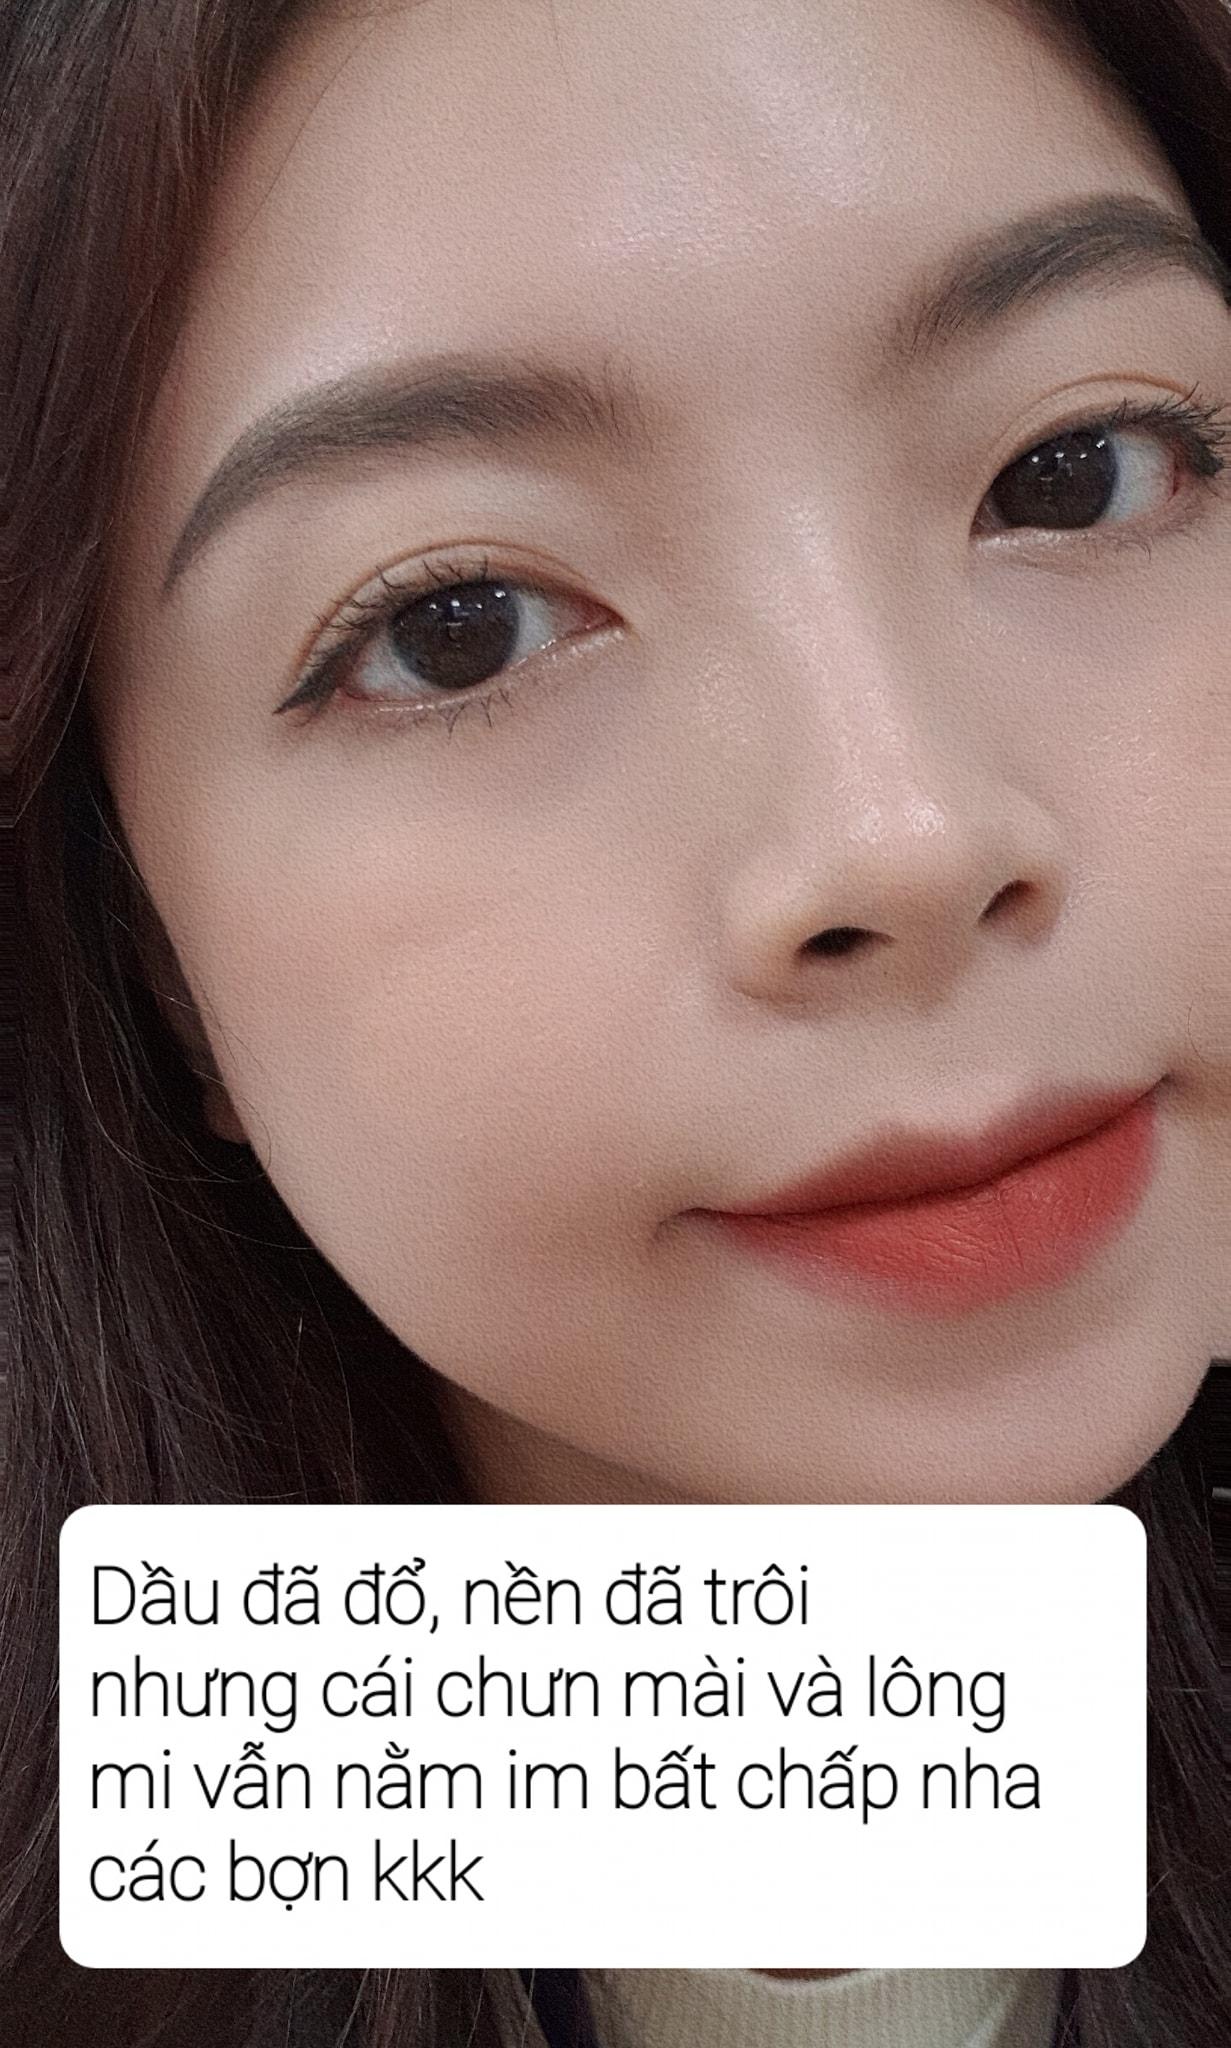 """LIST SẢN PHẨM TRANG ĐIỂM HẰNG NGÀY KIỀM DẦU """"MÙA NỰC"""""""